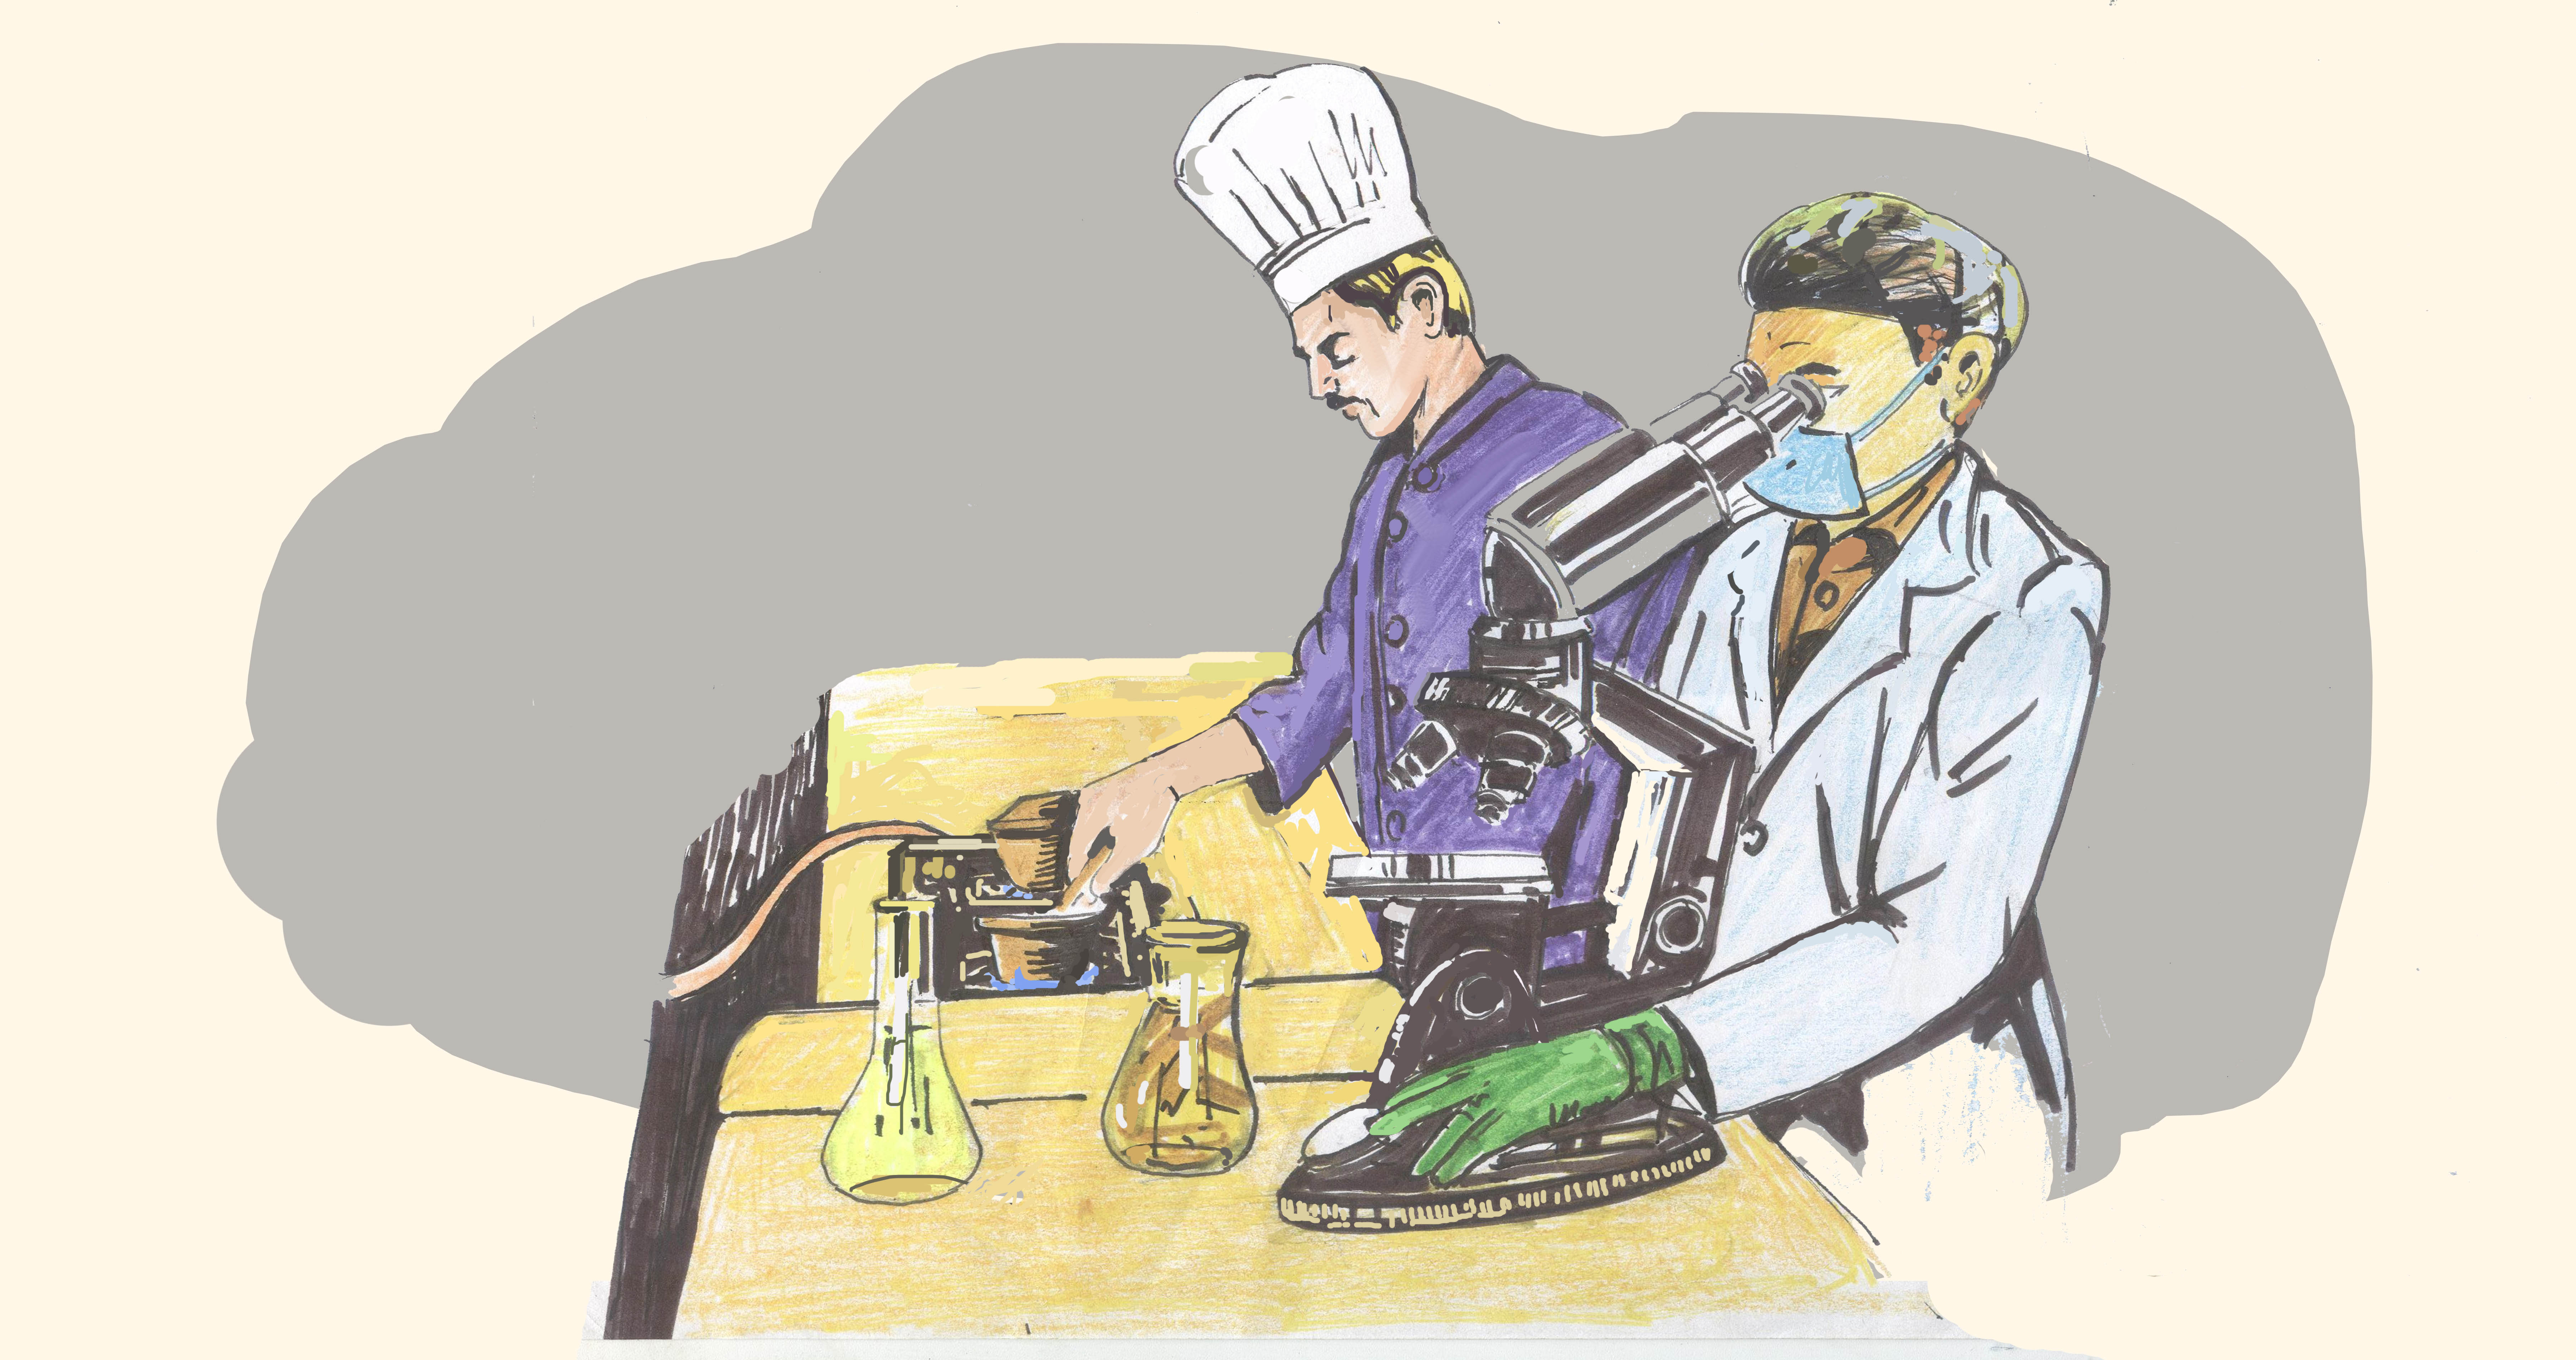 menu innovation at mcdonalds